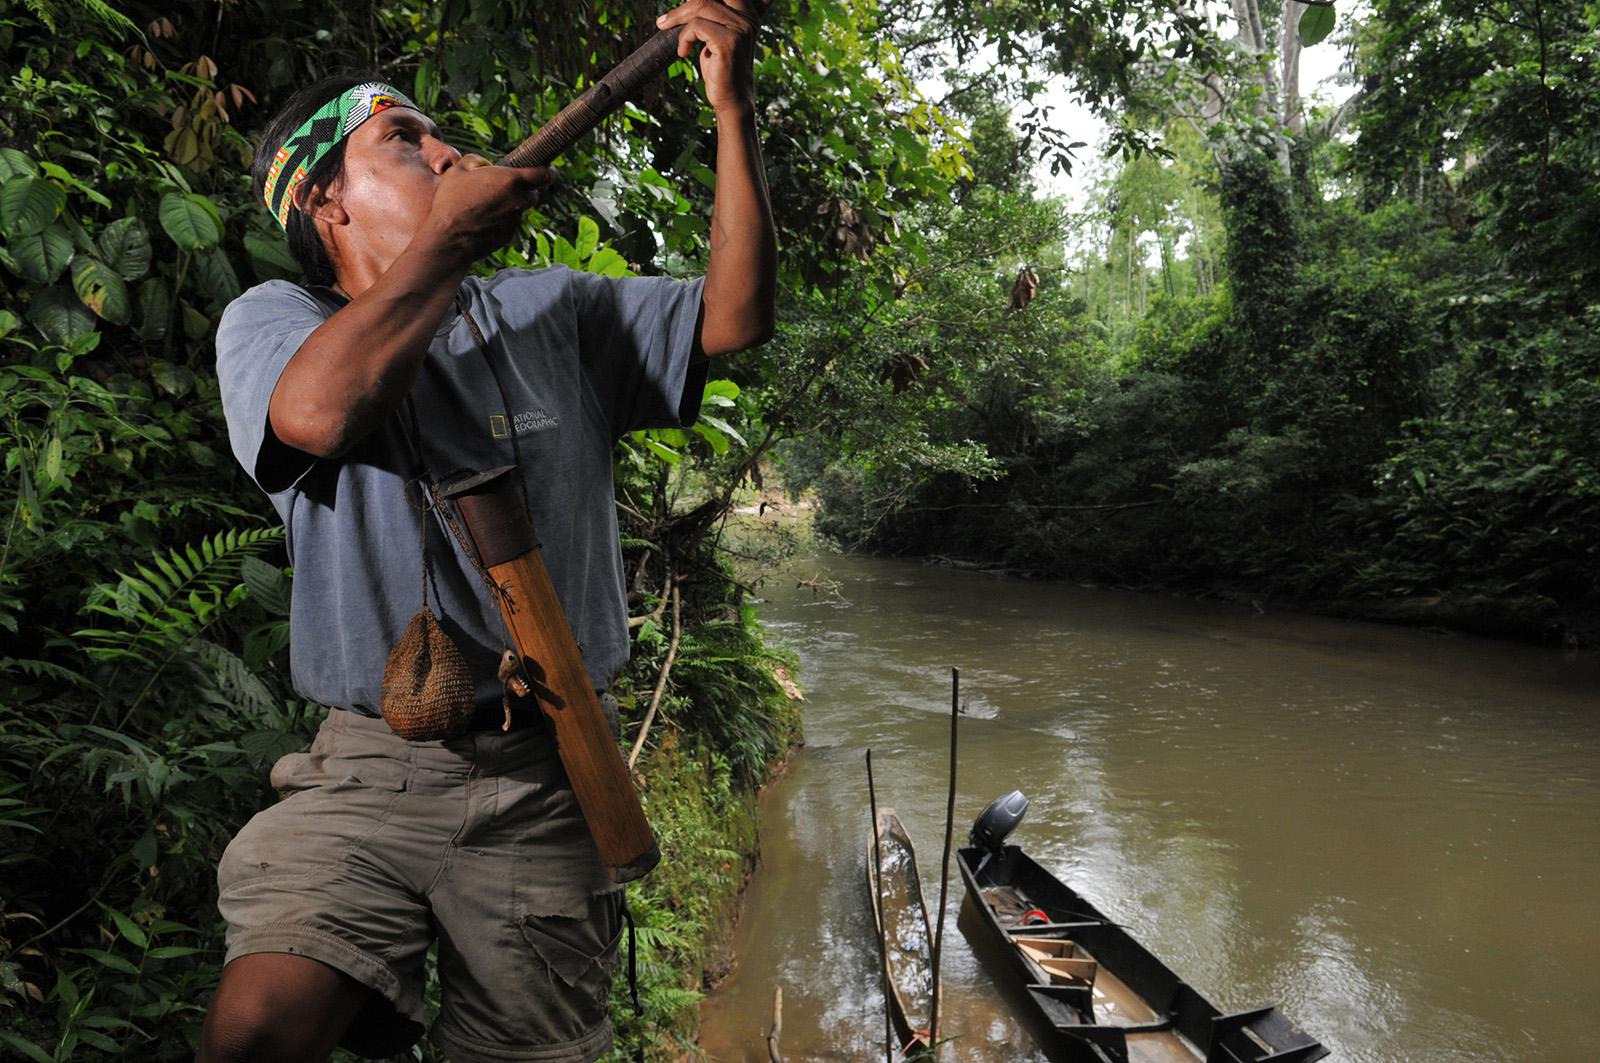 foto van een indiaan die bij een rivier met een boot in een bos blaast op een pijp die hij naar boven richt